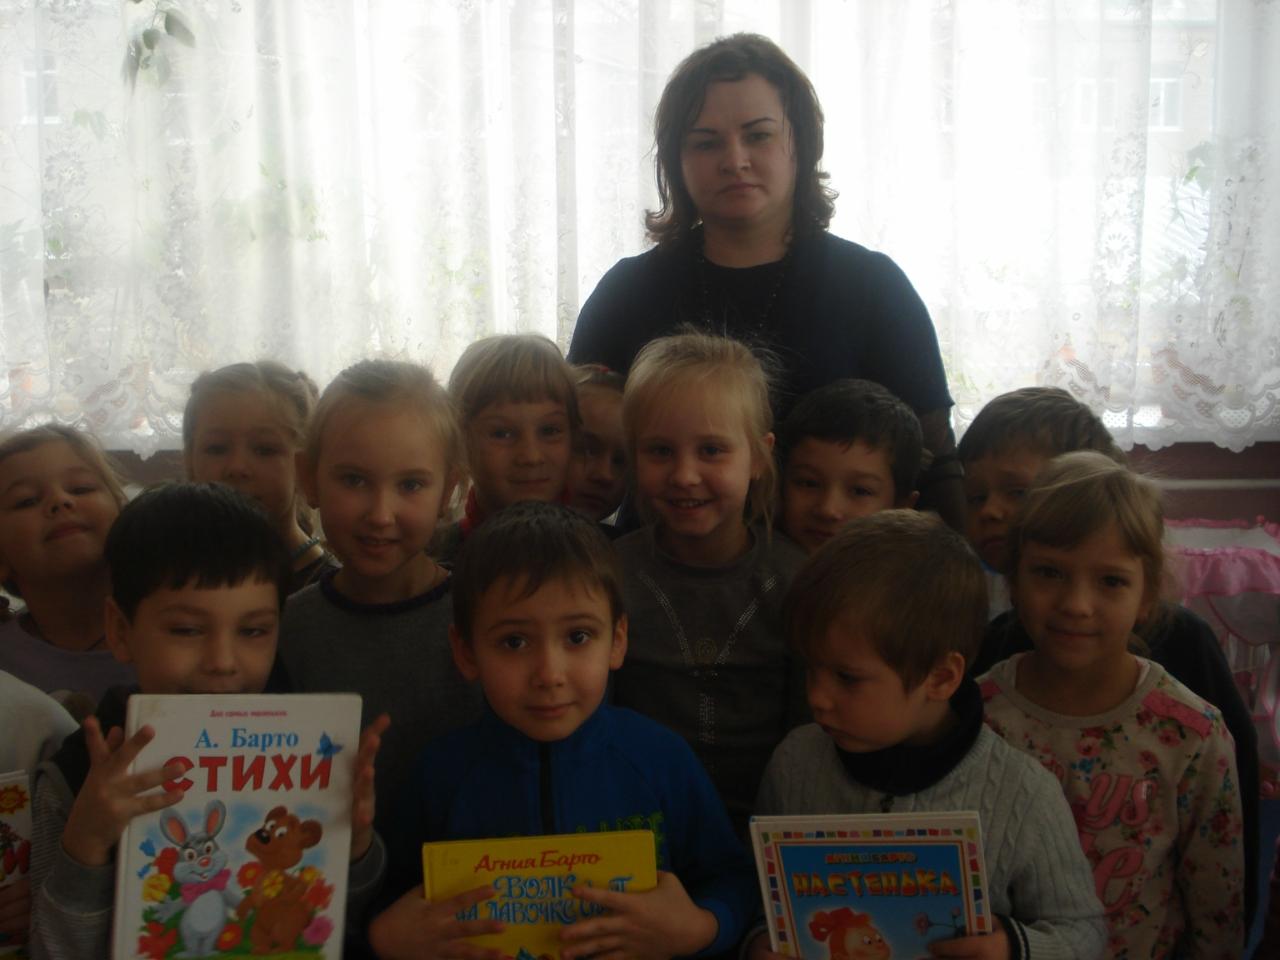 волшебные сказки о растениях, донецкая республиканская библиотека для детей, отдел обслуживания дошкольников